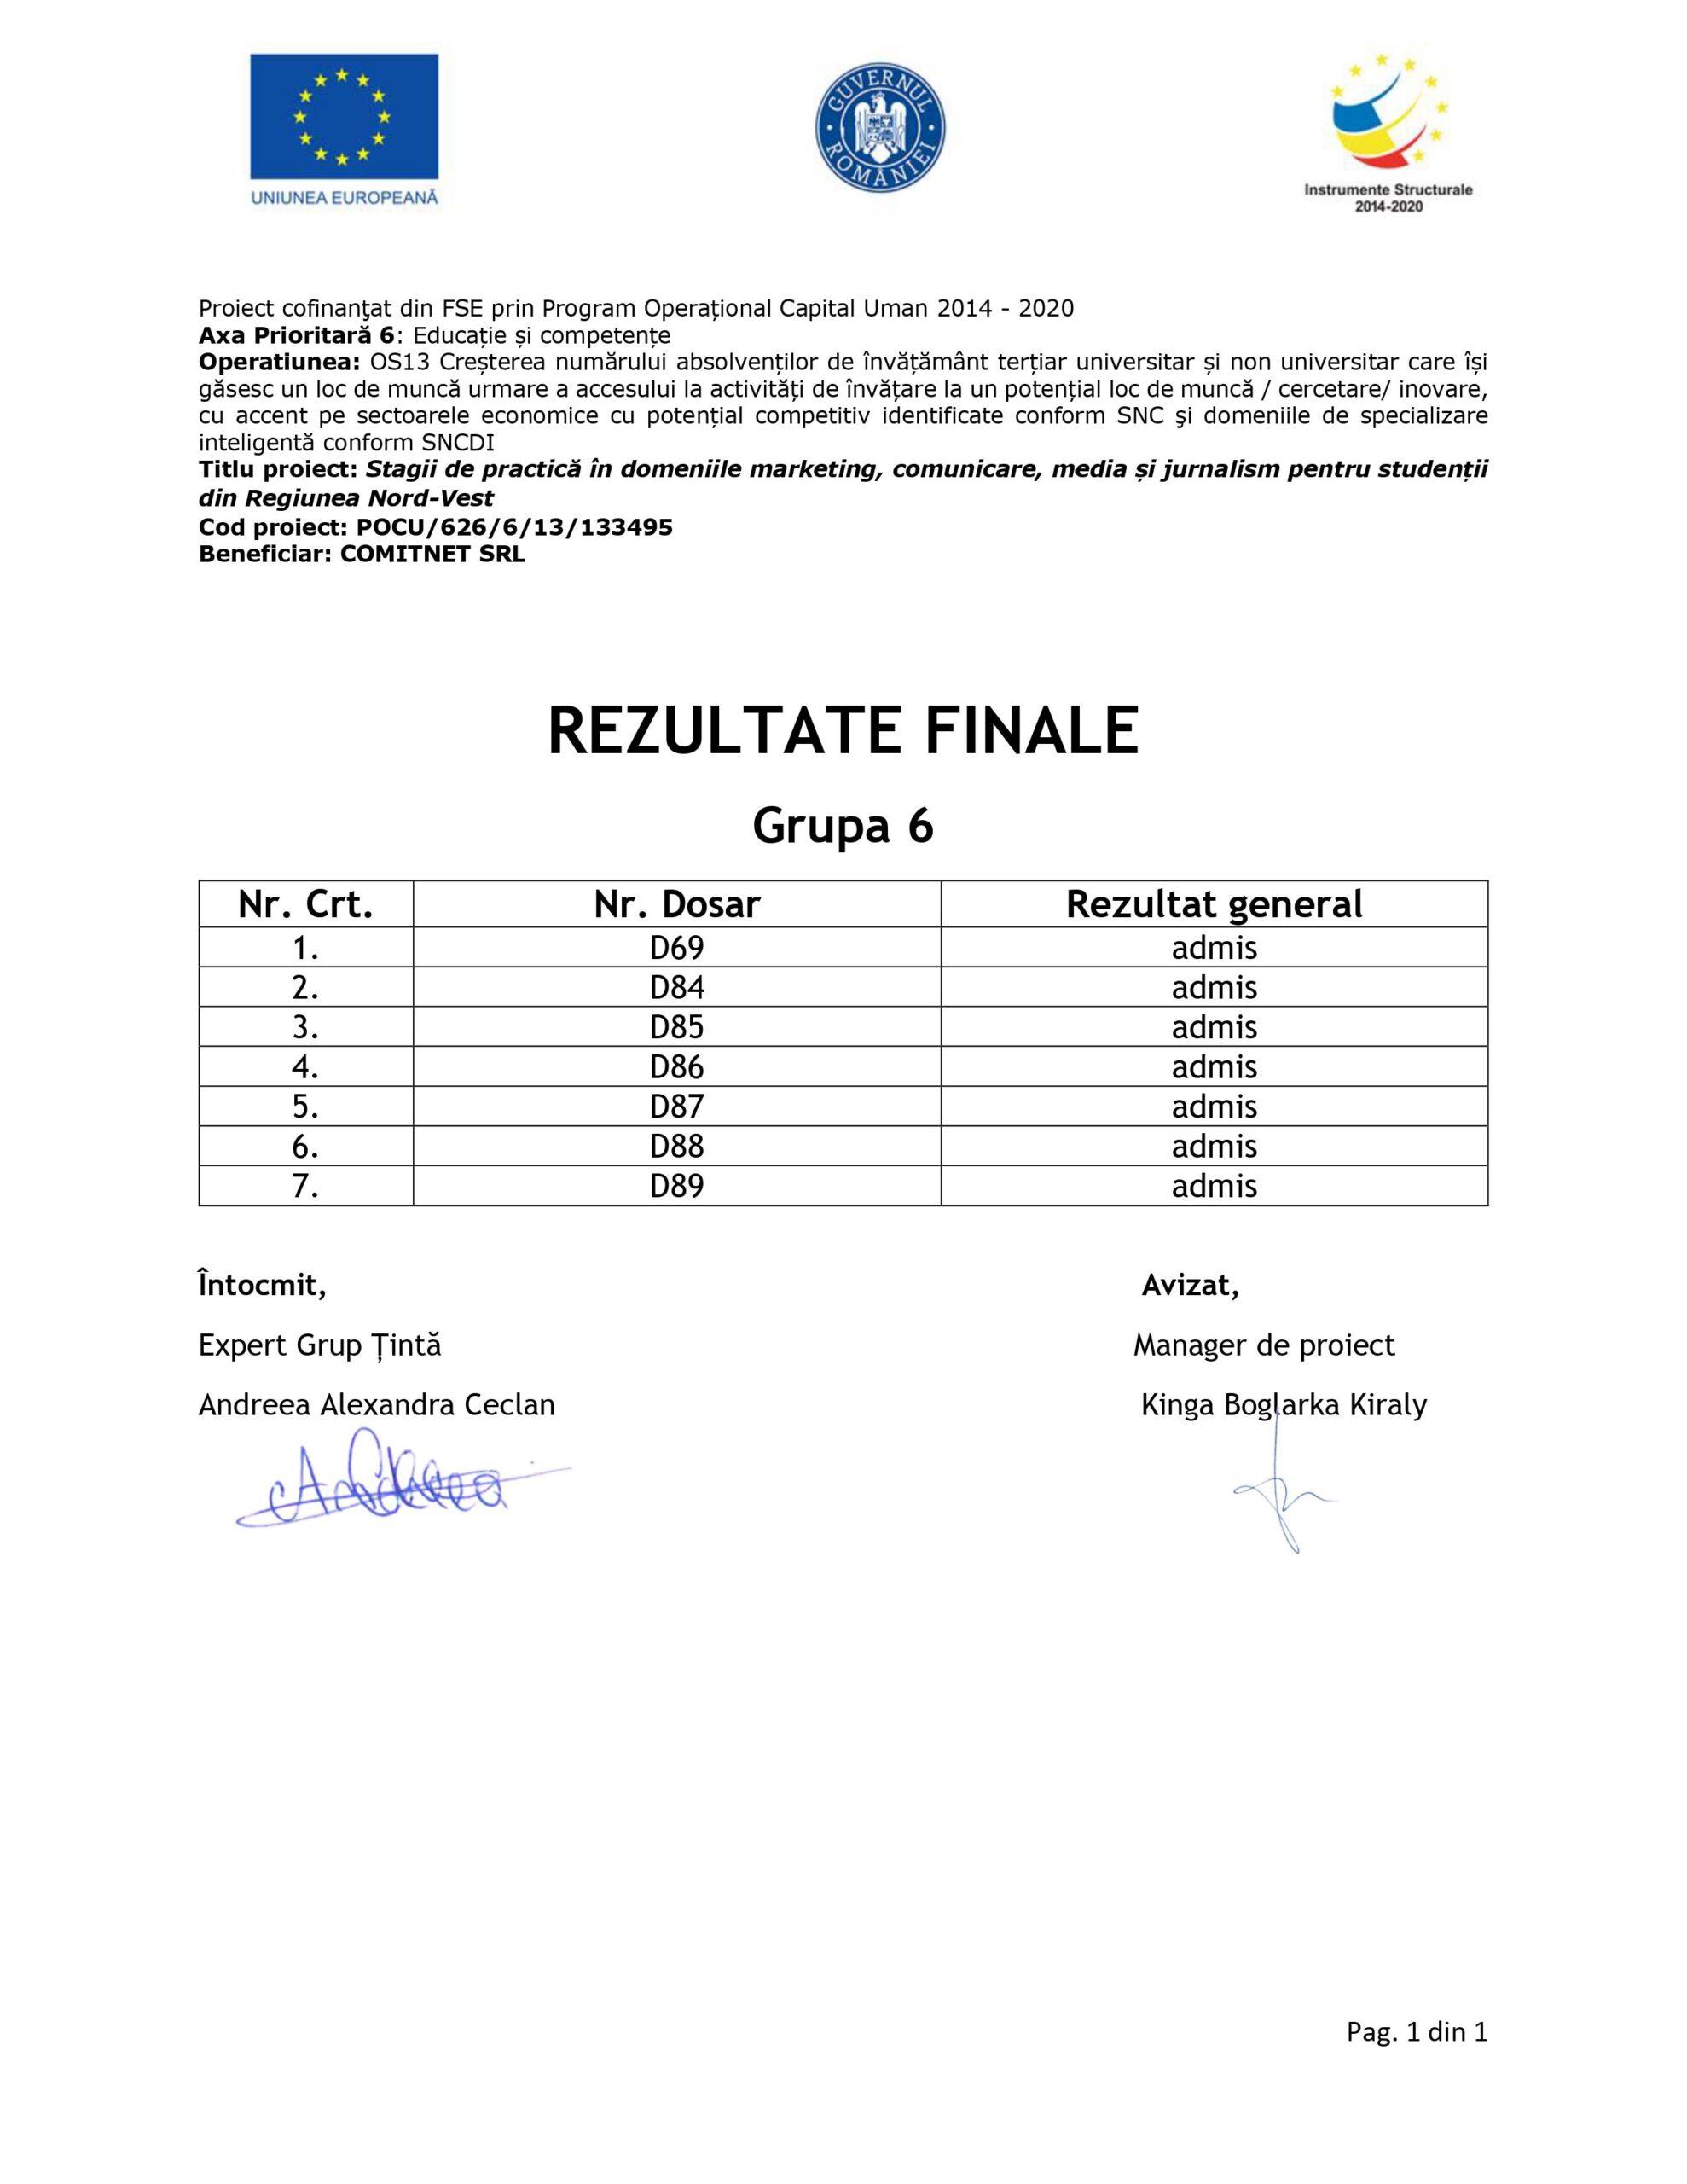 [Stagii de Practica SEO 365] Rezultate finale - Grupa VI - semnat